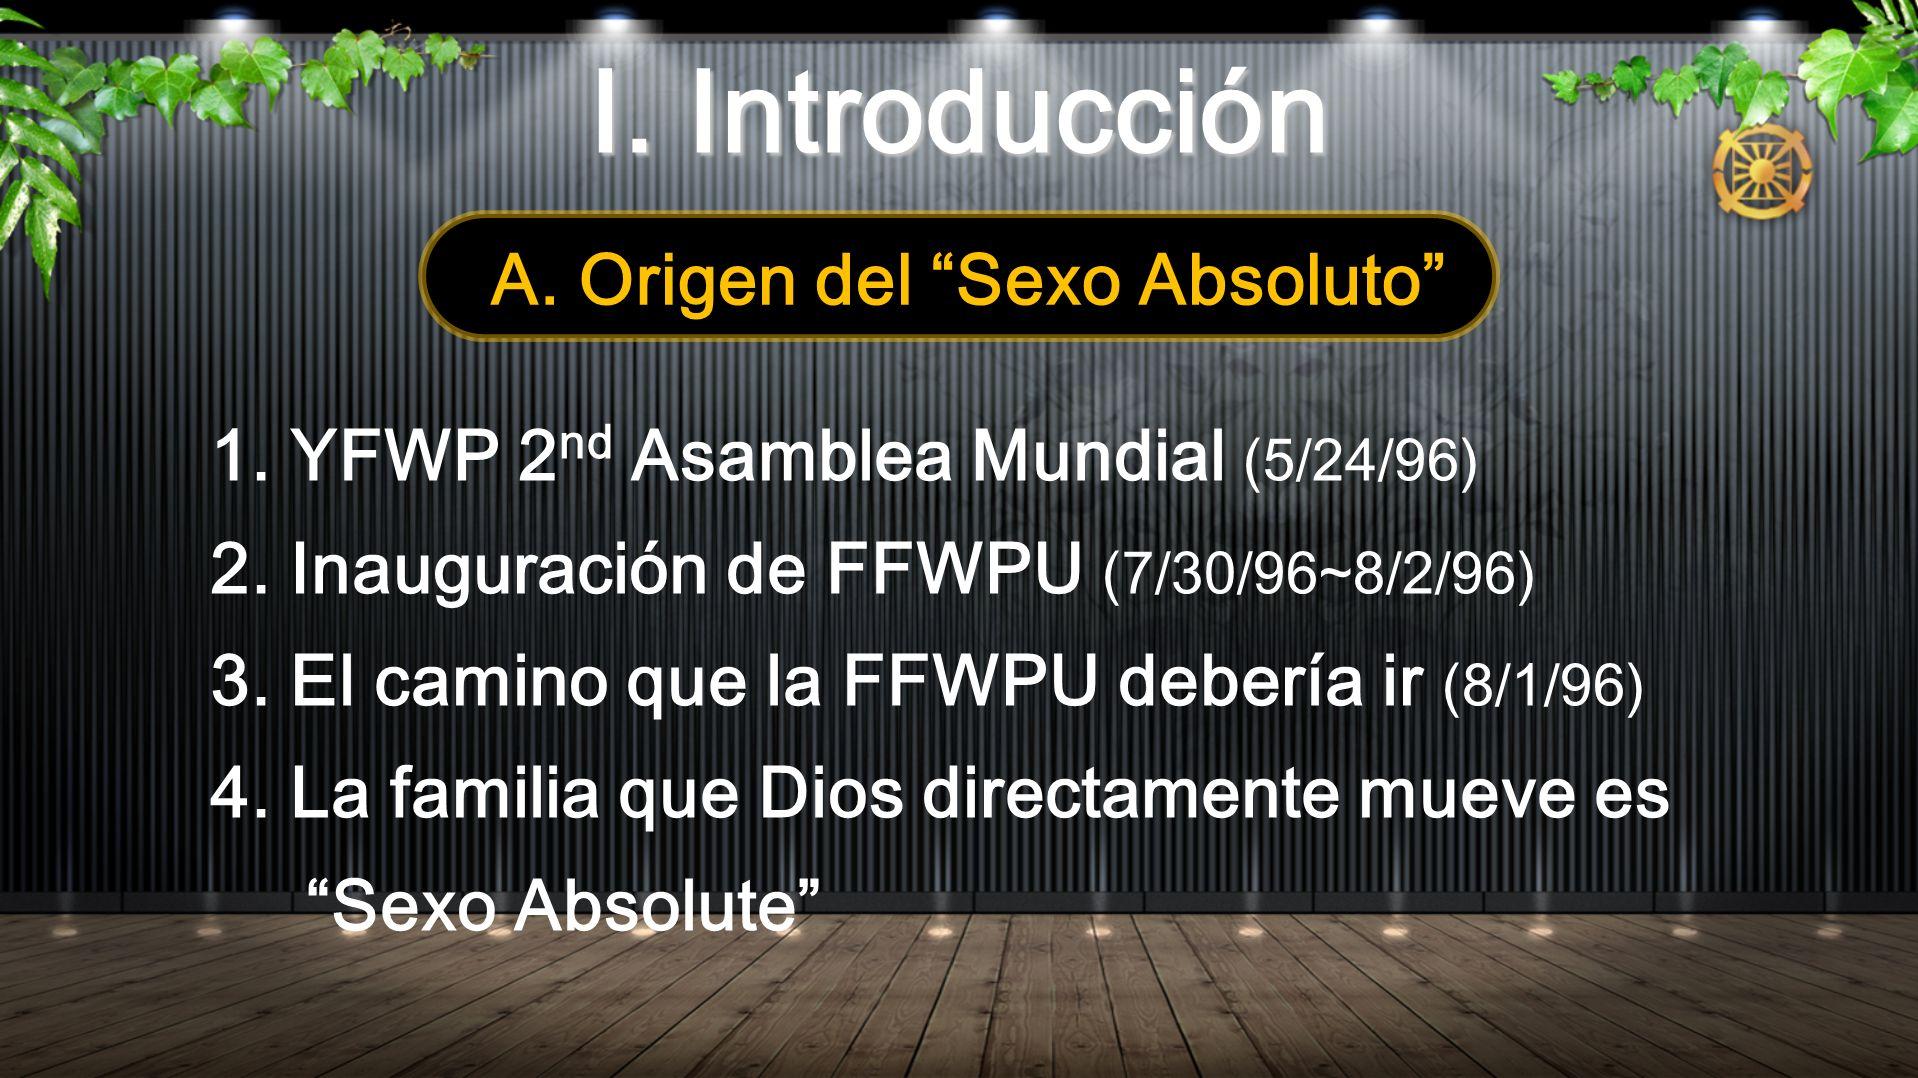 A. Origen del Sexo Absoluto